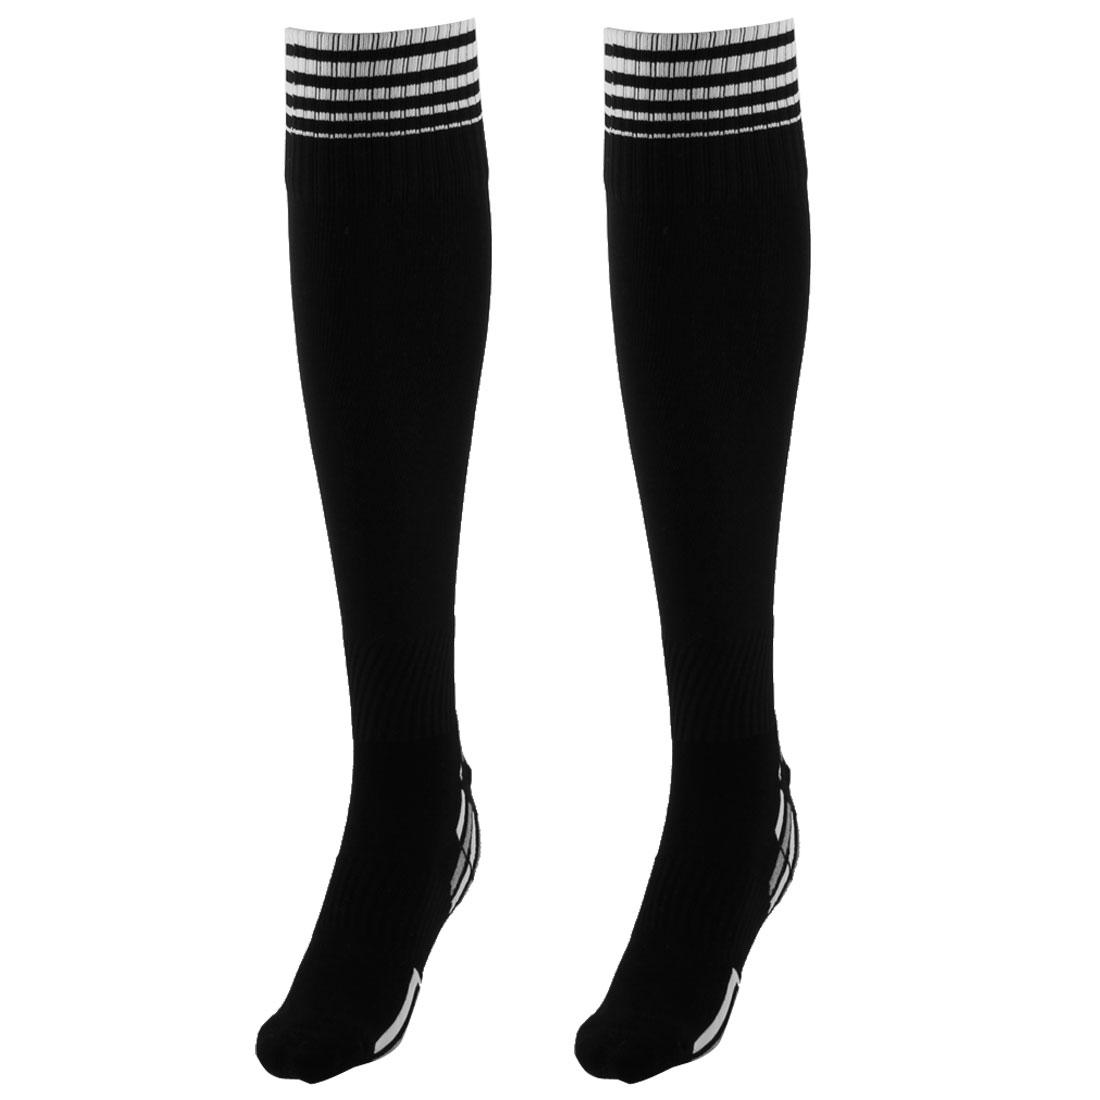 Unisex Nylon Anti Slip Stripe Pattern Elastic Football Soccer Sport Long Socks Black Pair